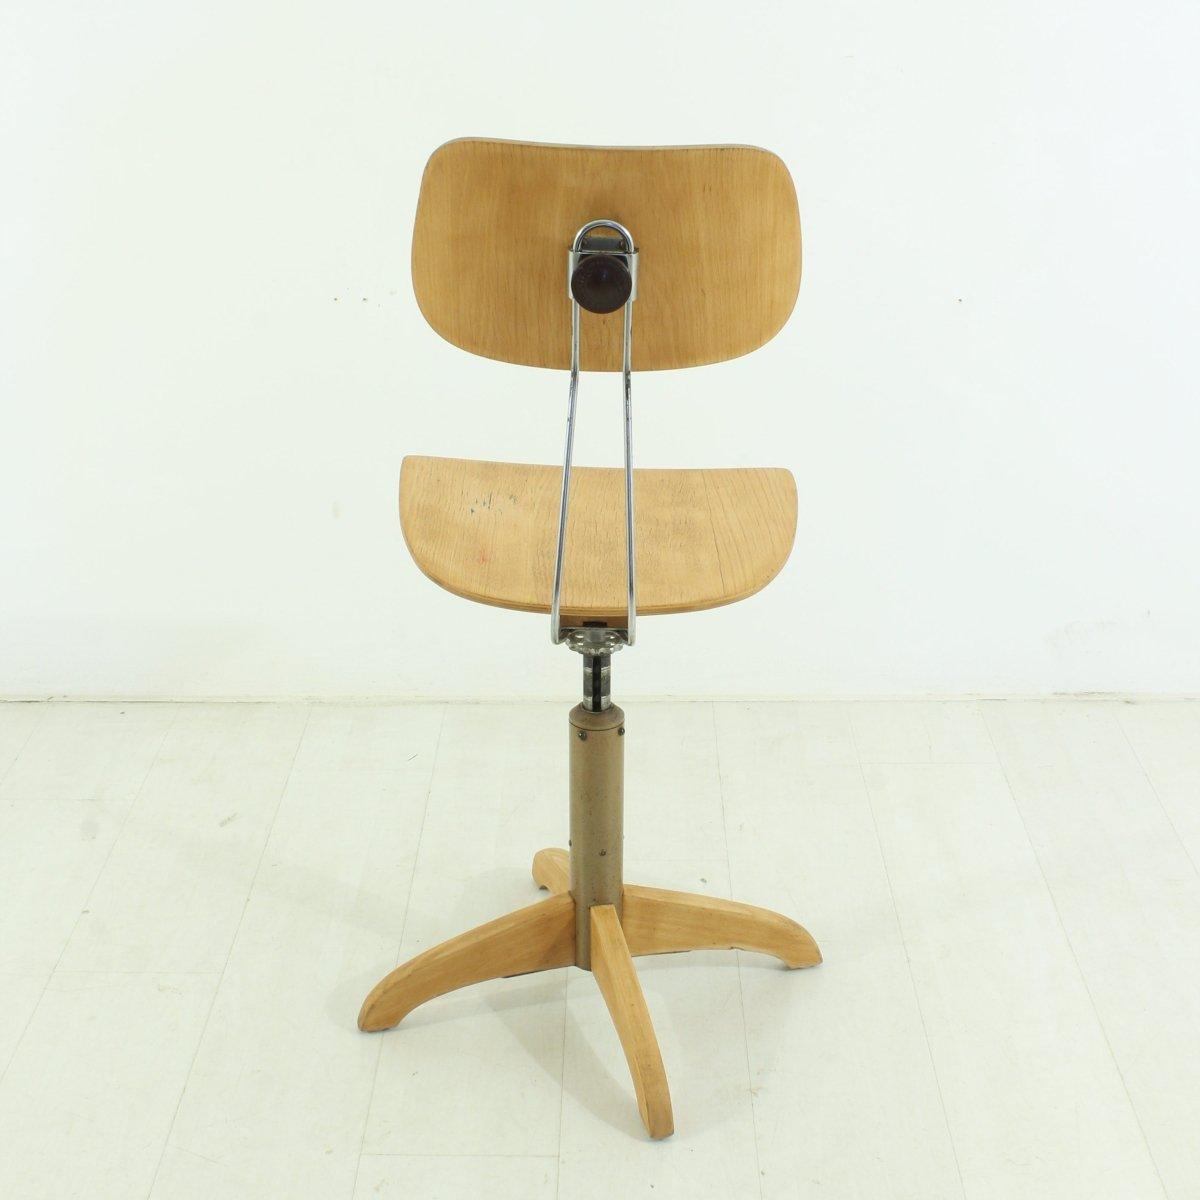 werkst tten stuhl 1950er bei pamono kaufen. Black Bedroom Furniture Sets. Home Design Ideas